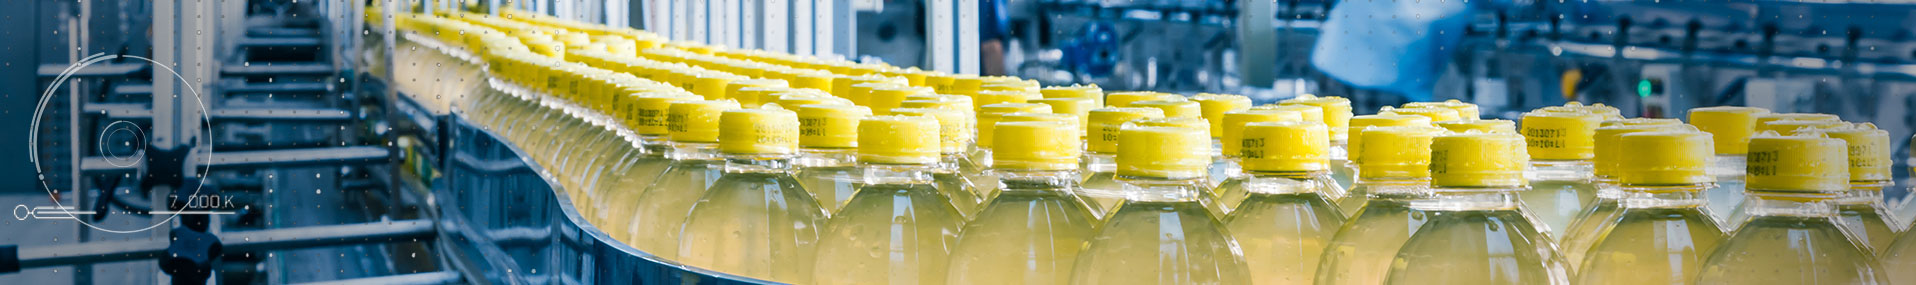 Beverage bottles on conveyor belt